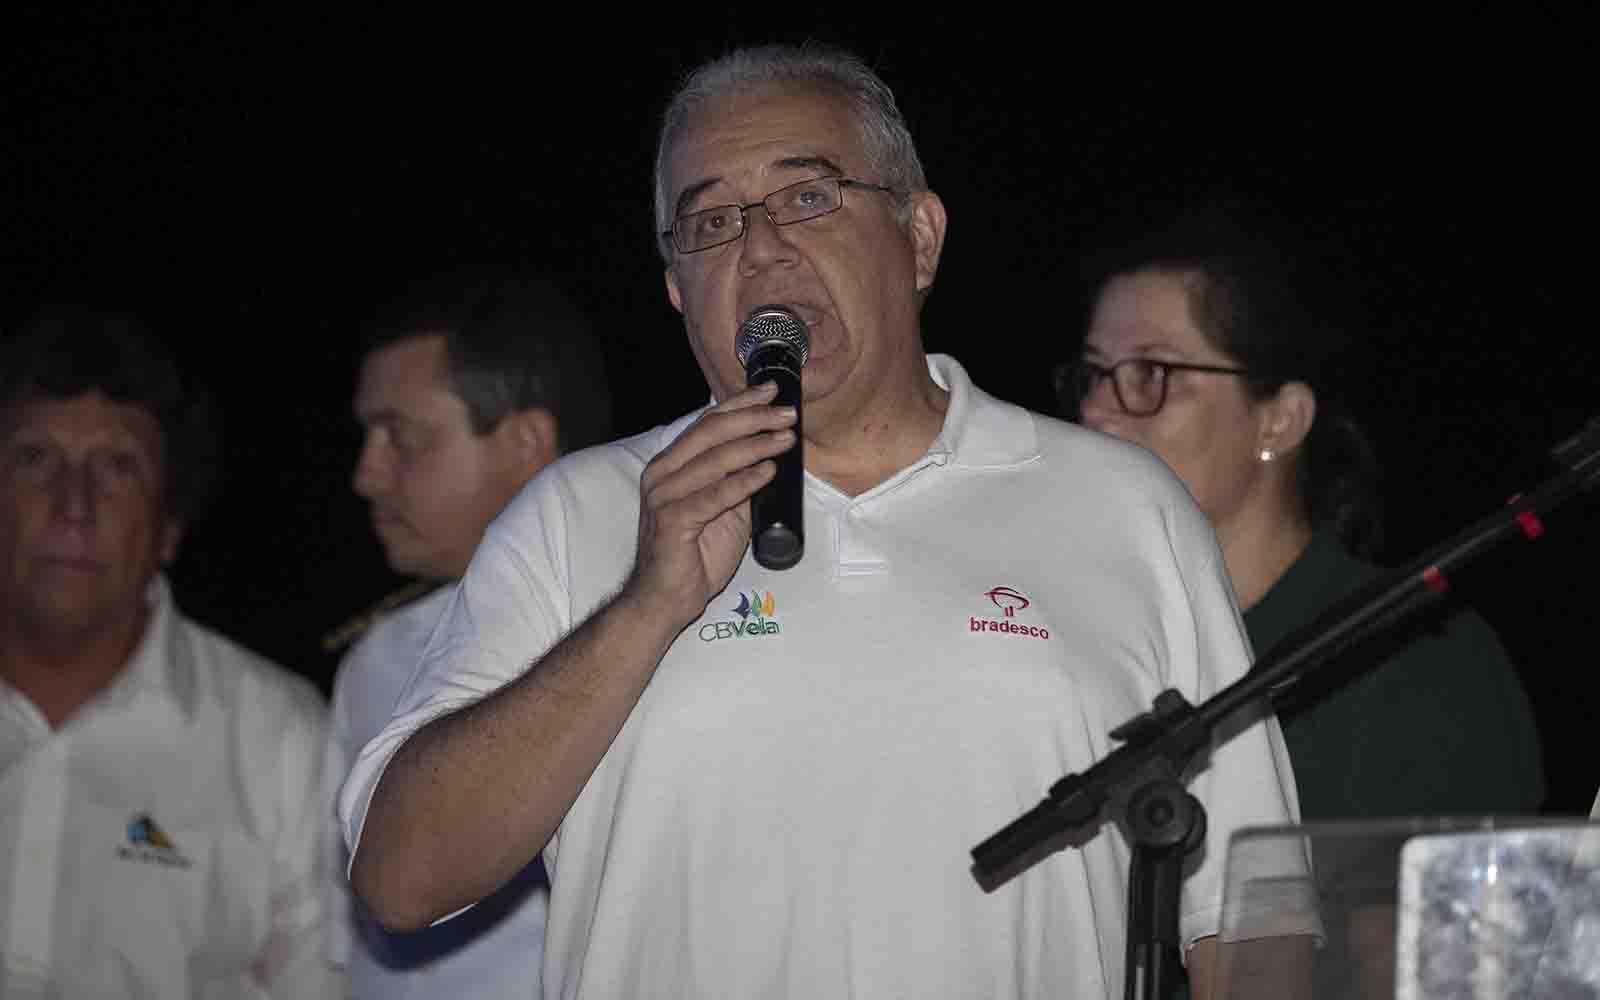 CBVela (Matias Capizzano)